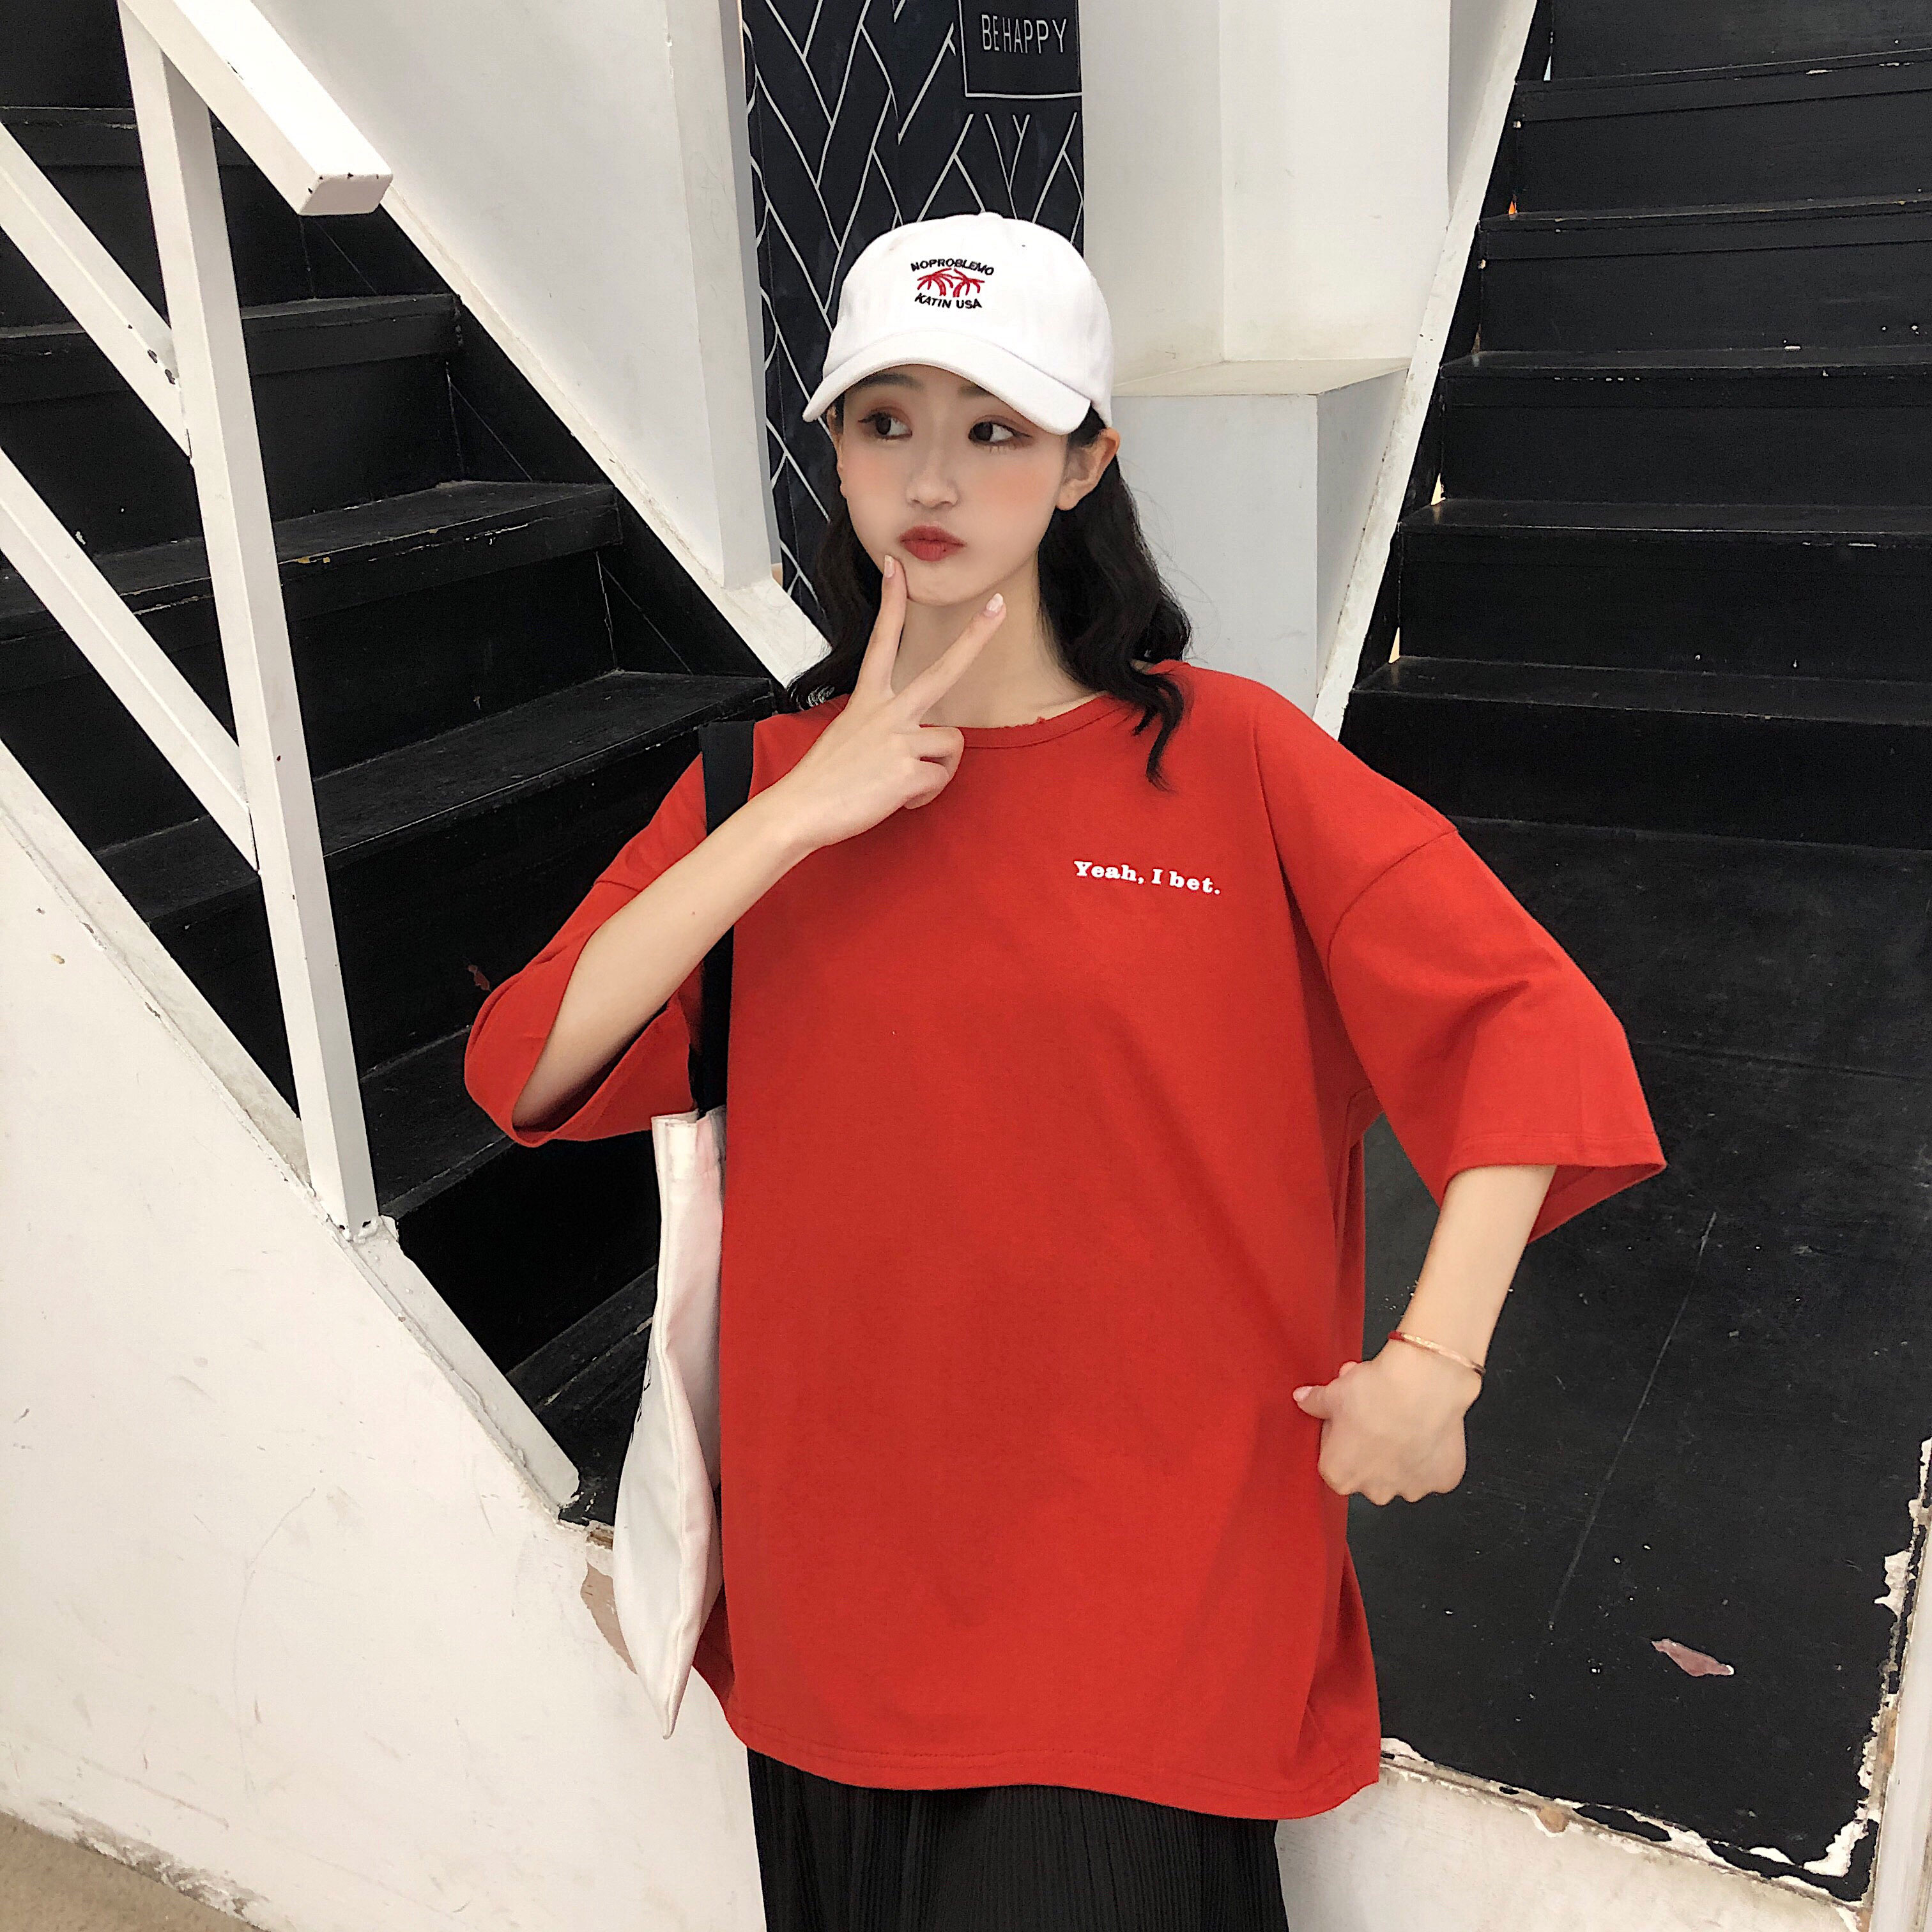 新款印花短袖t恤女夏季2019款韩版新款百搭宽松学生简约休闲打底-自然坊服饰-